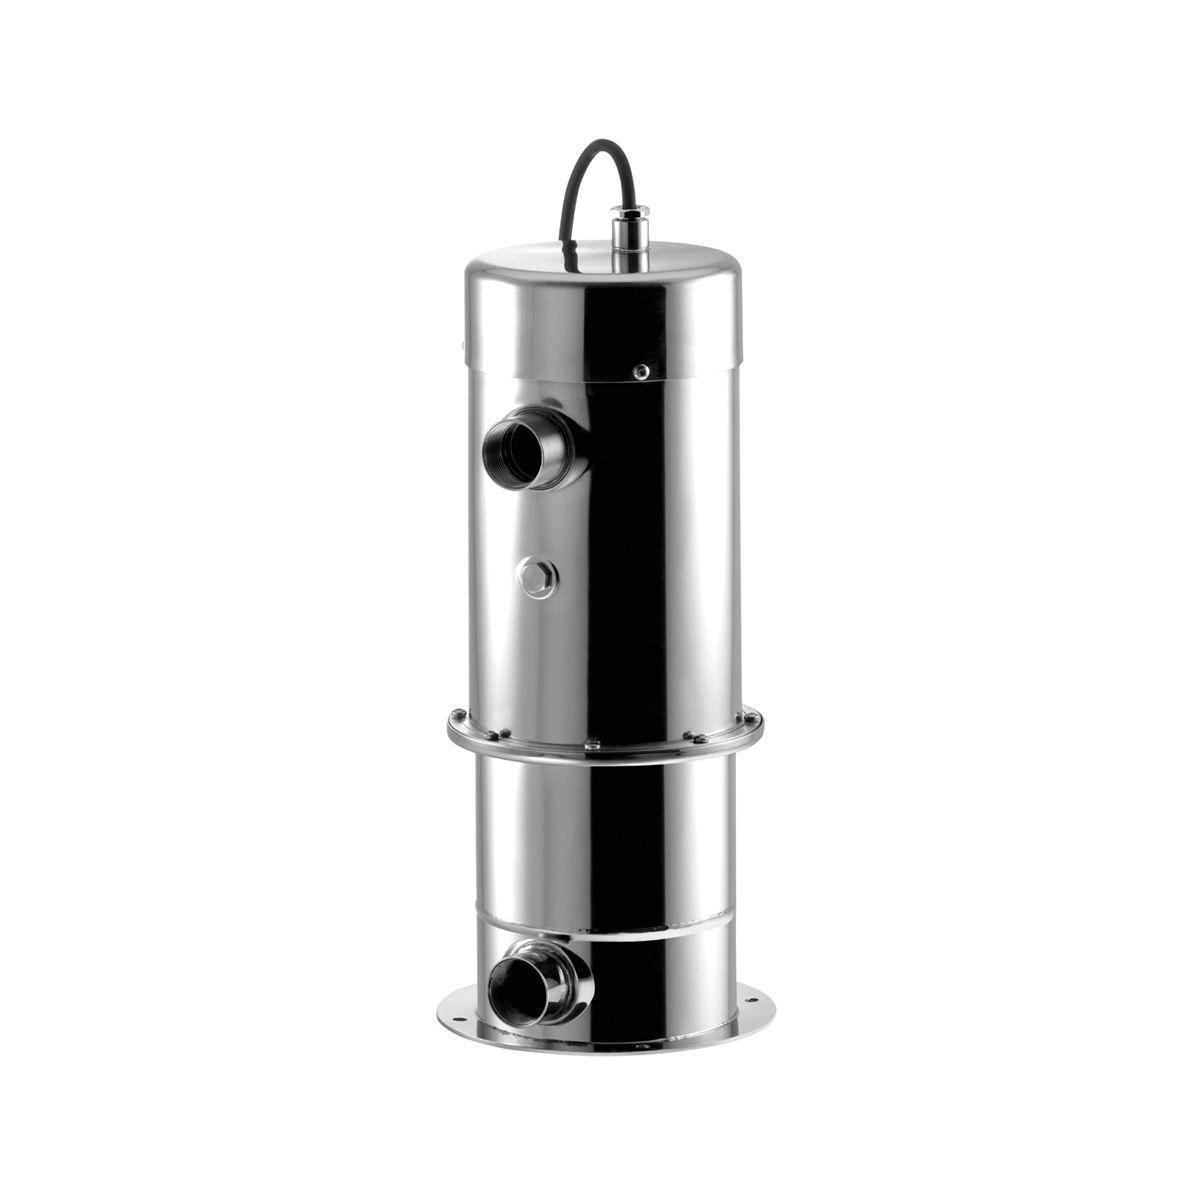 Hochdruck-Tauchpumpe XSSMV150, H max. 63 m, Q max. 6000 l/h, 1.10 kW, D 210 x 533 mm